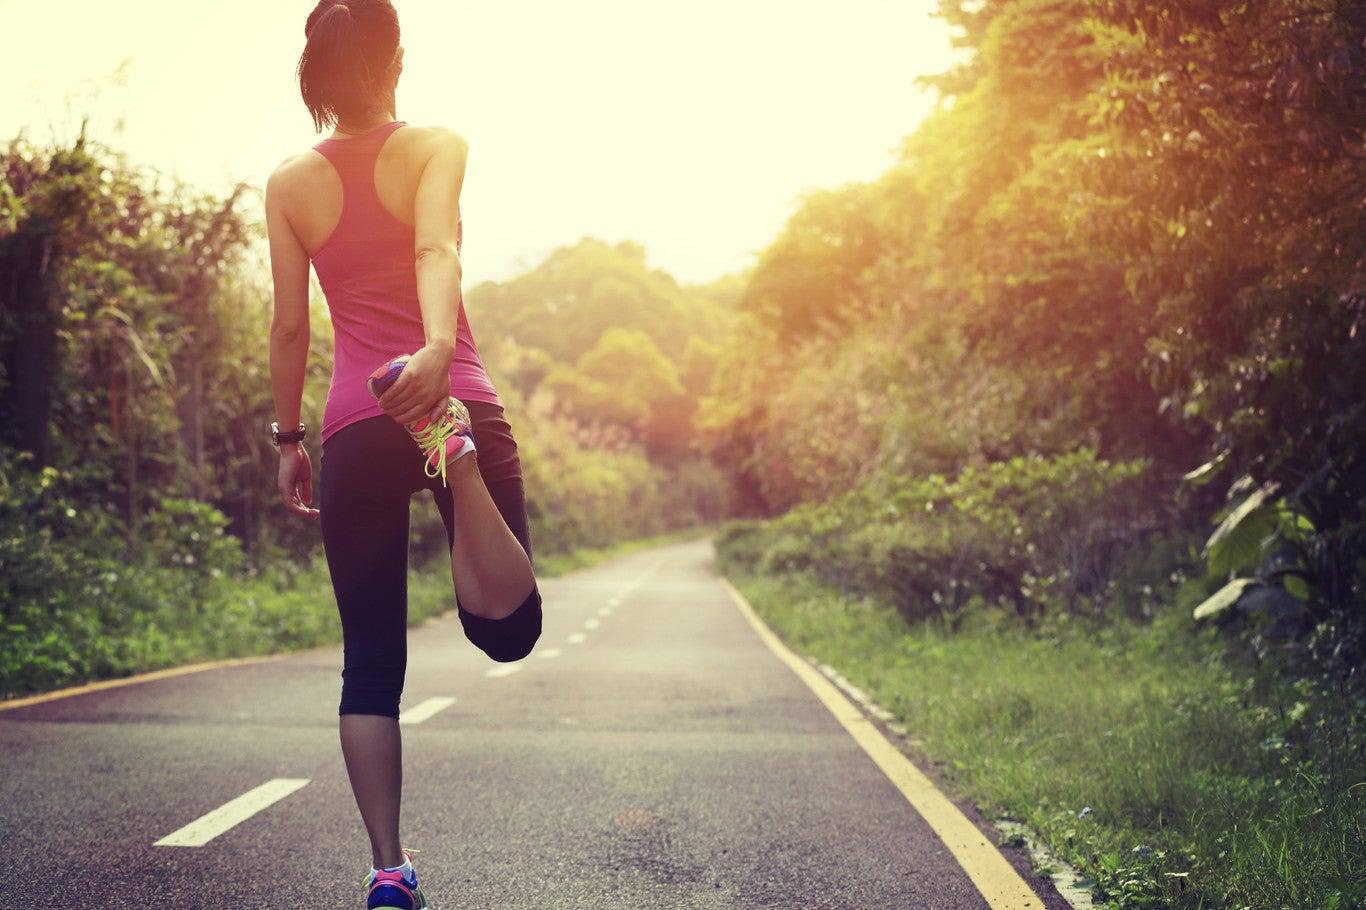 Para disfrutar del ejercicio y no tener molestias, se debe esperar un poco después de comer.